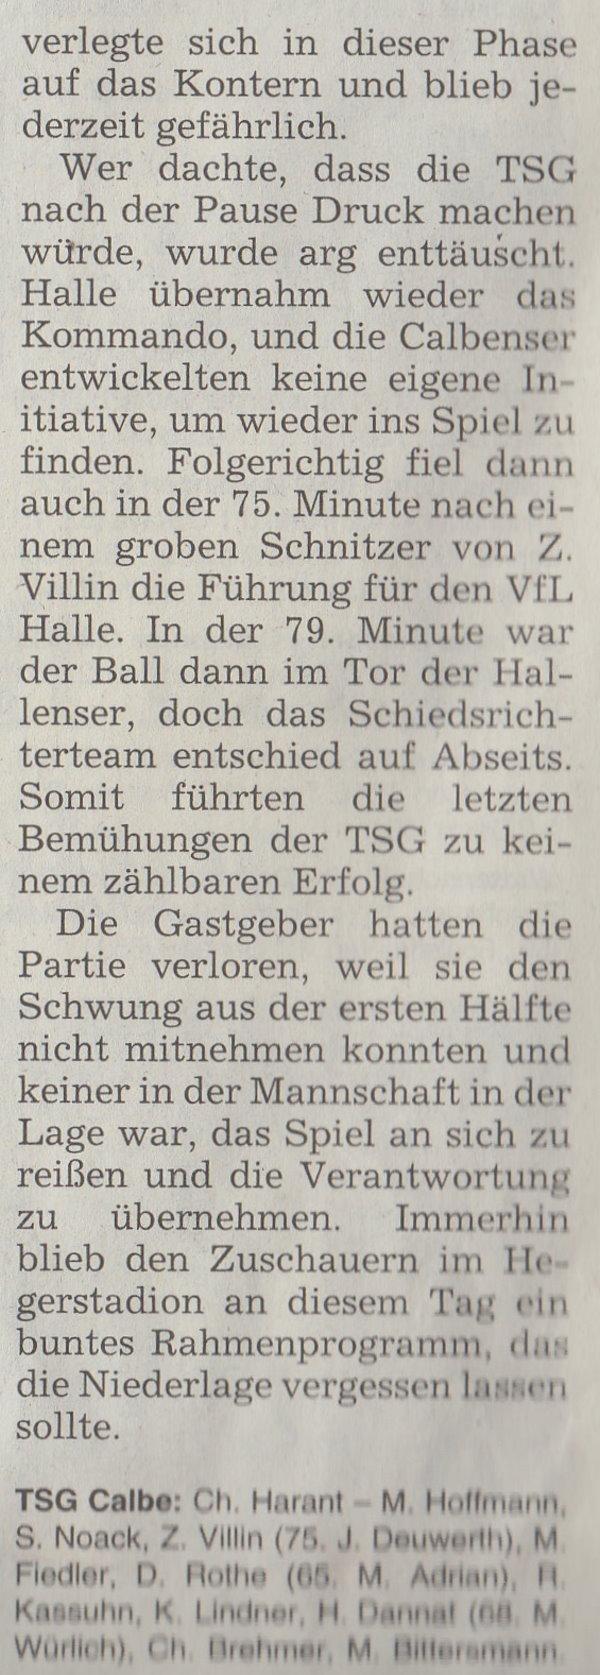 Volksstimme-Artikel vom 22. April 2003 (Teil 3).